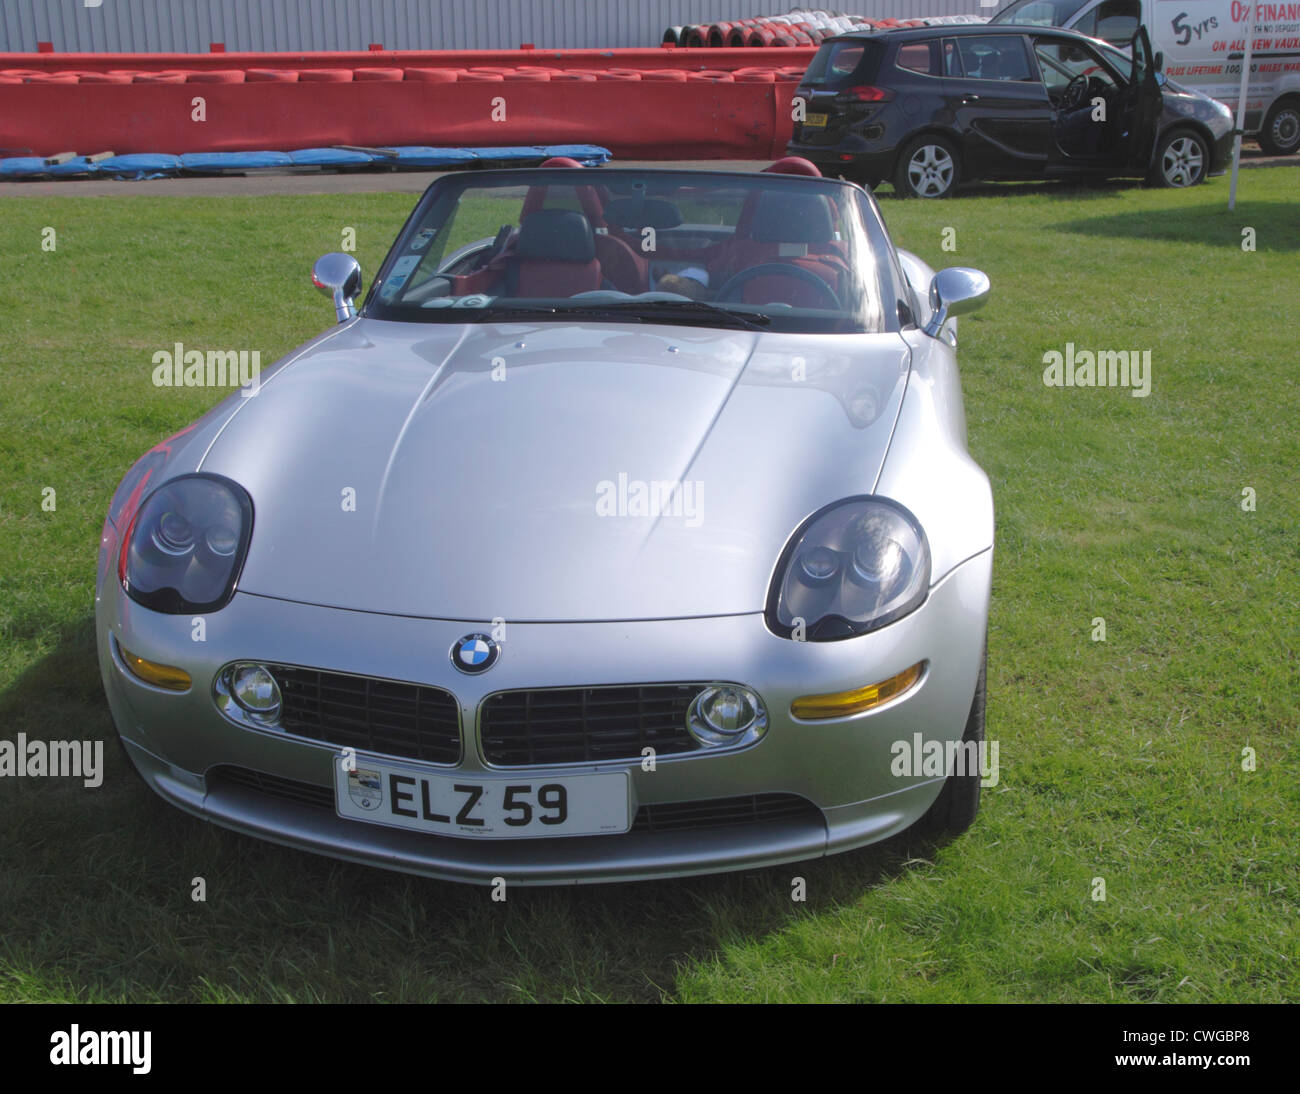 Bmw Z8 Model Car: Bmw Z8 Stock Photos & Bmw Z8 Stock Images